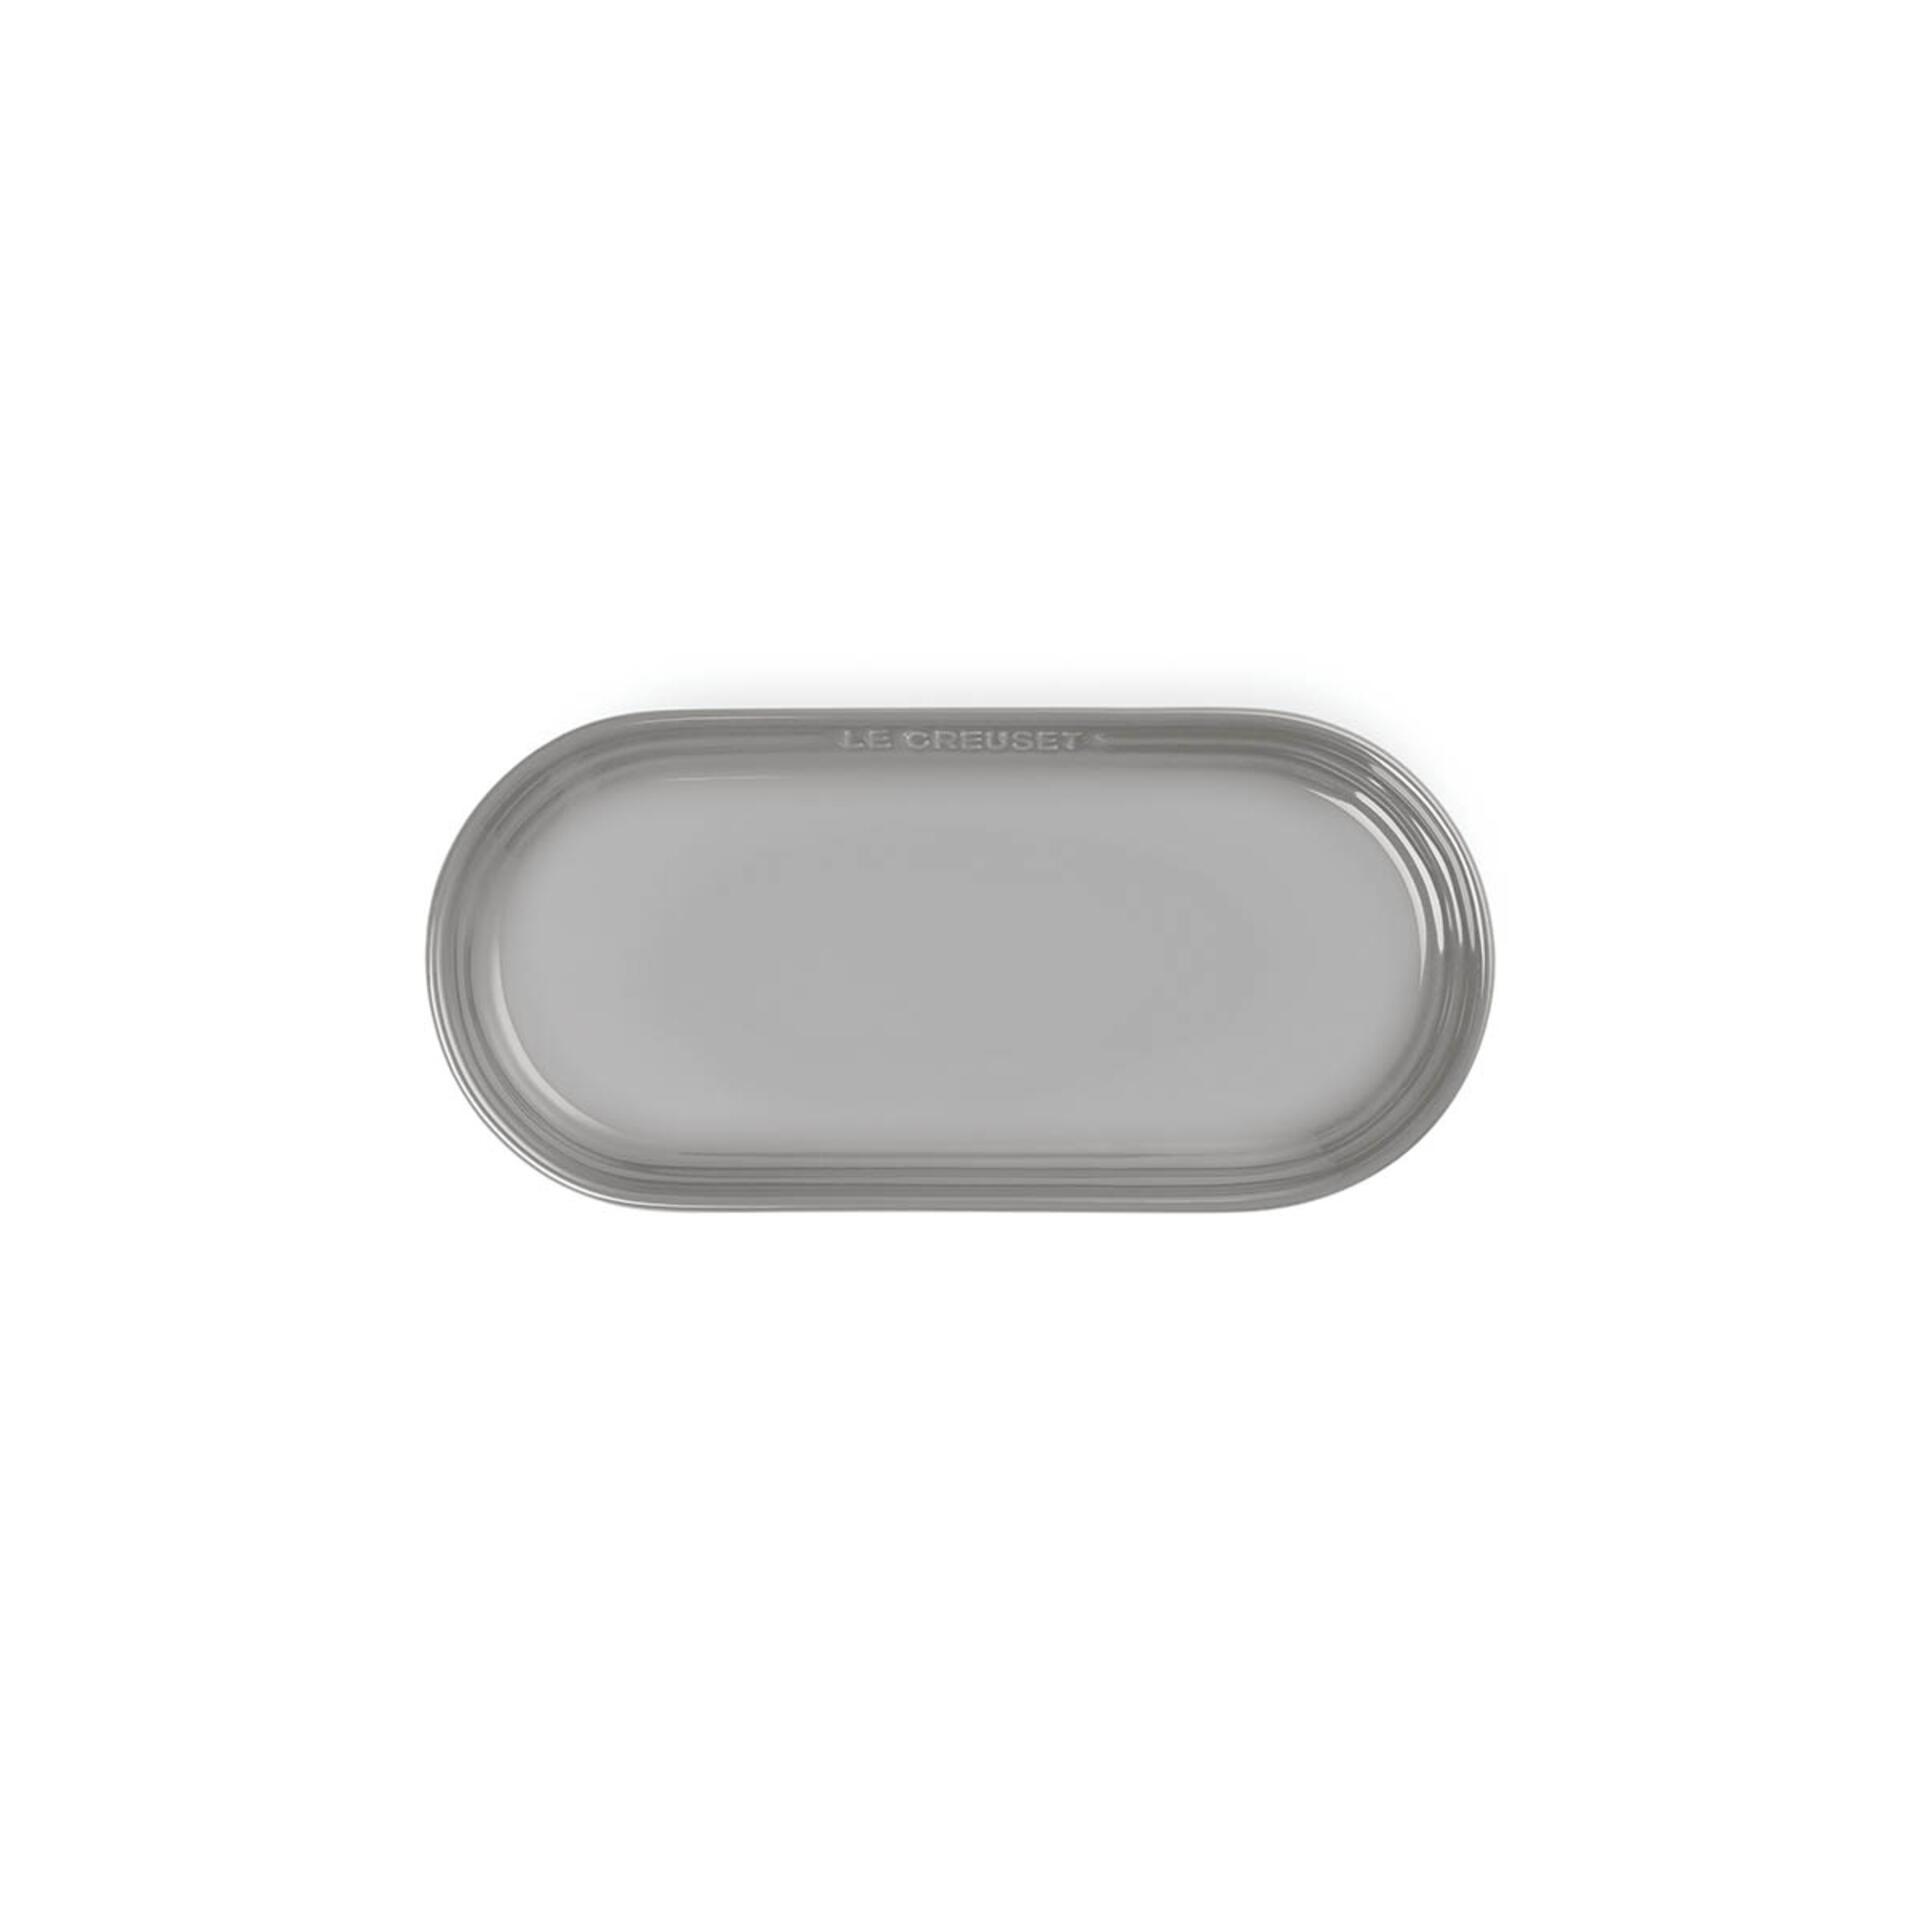 Le Creuset Teller Oblong 25 cm Perlgrau